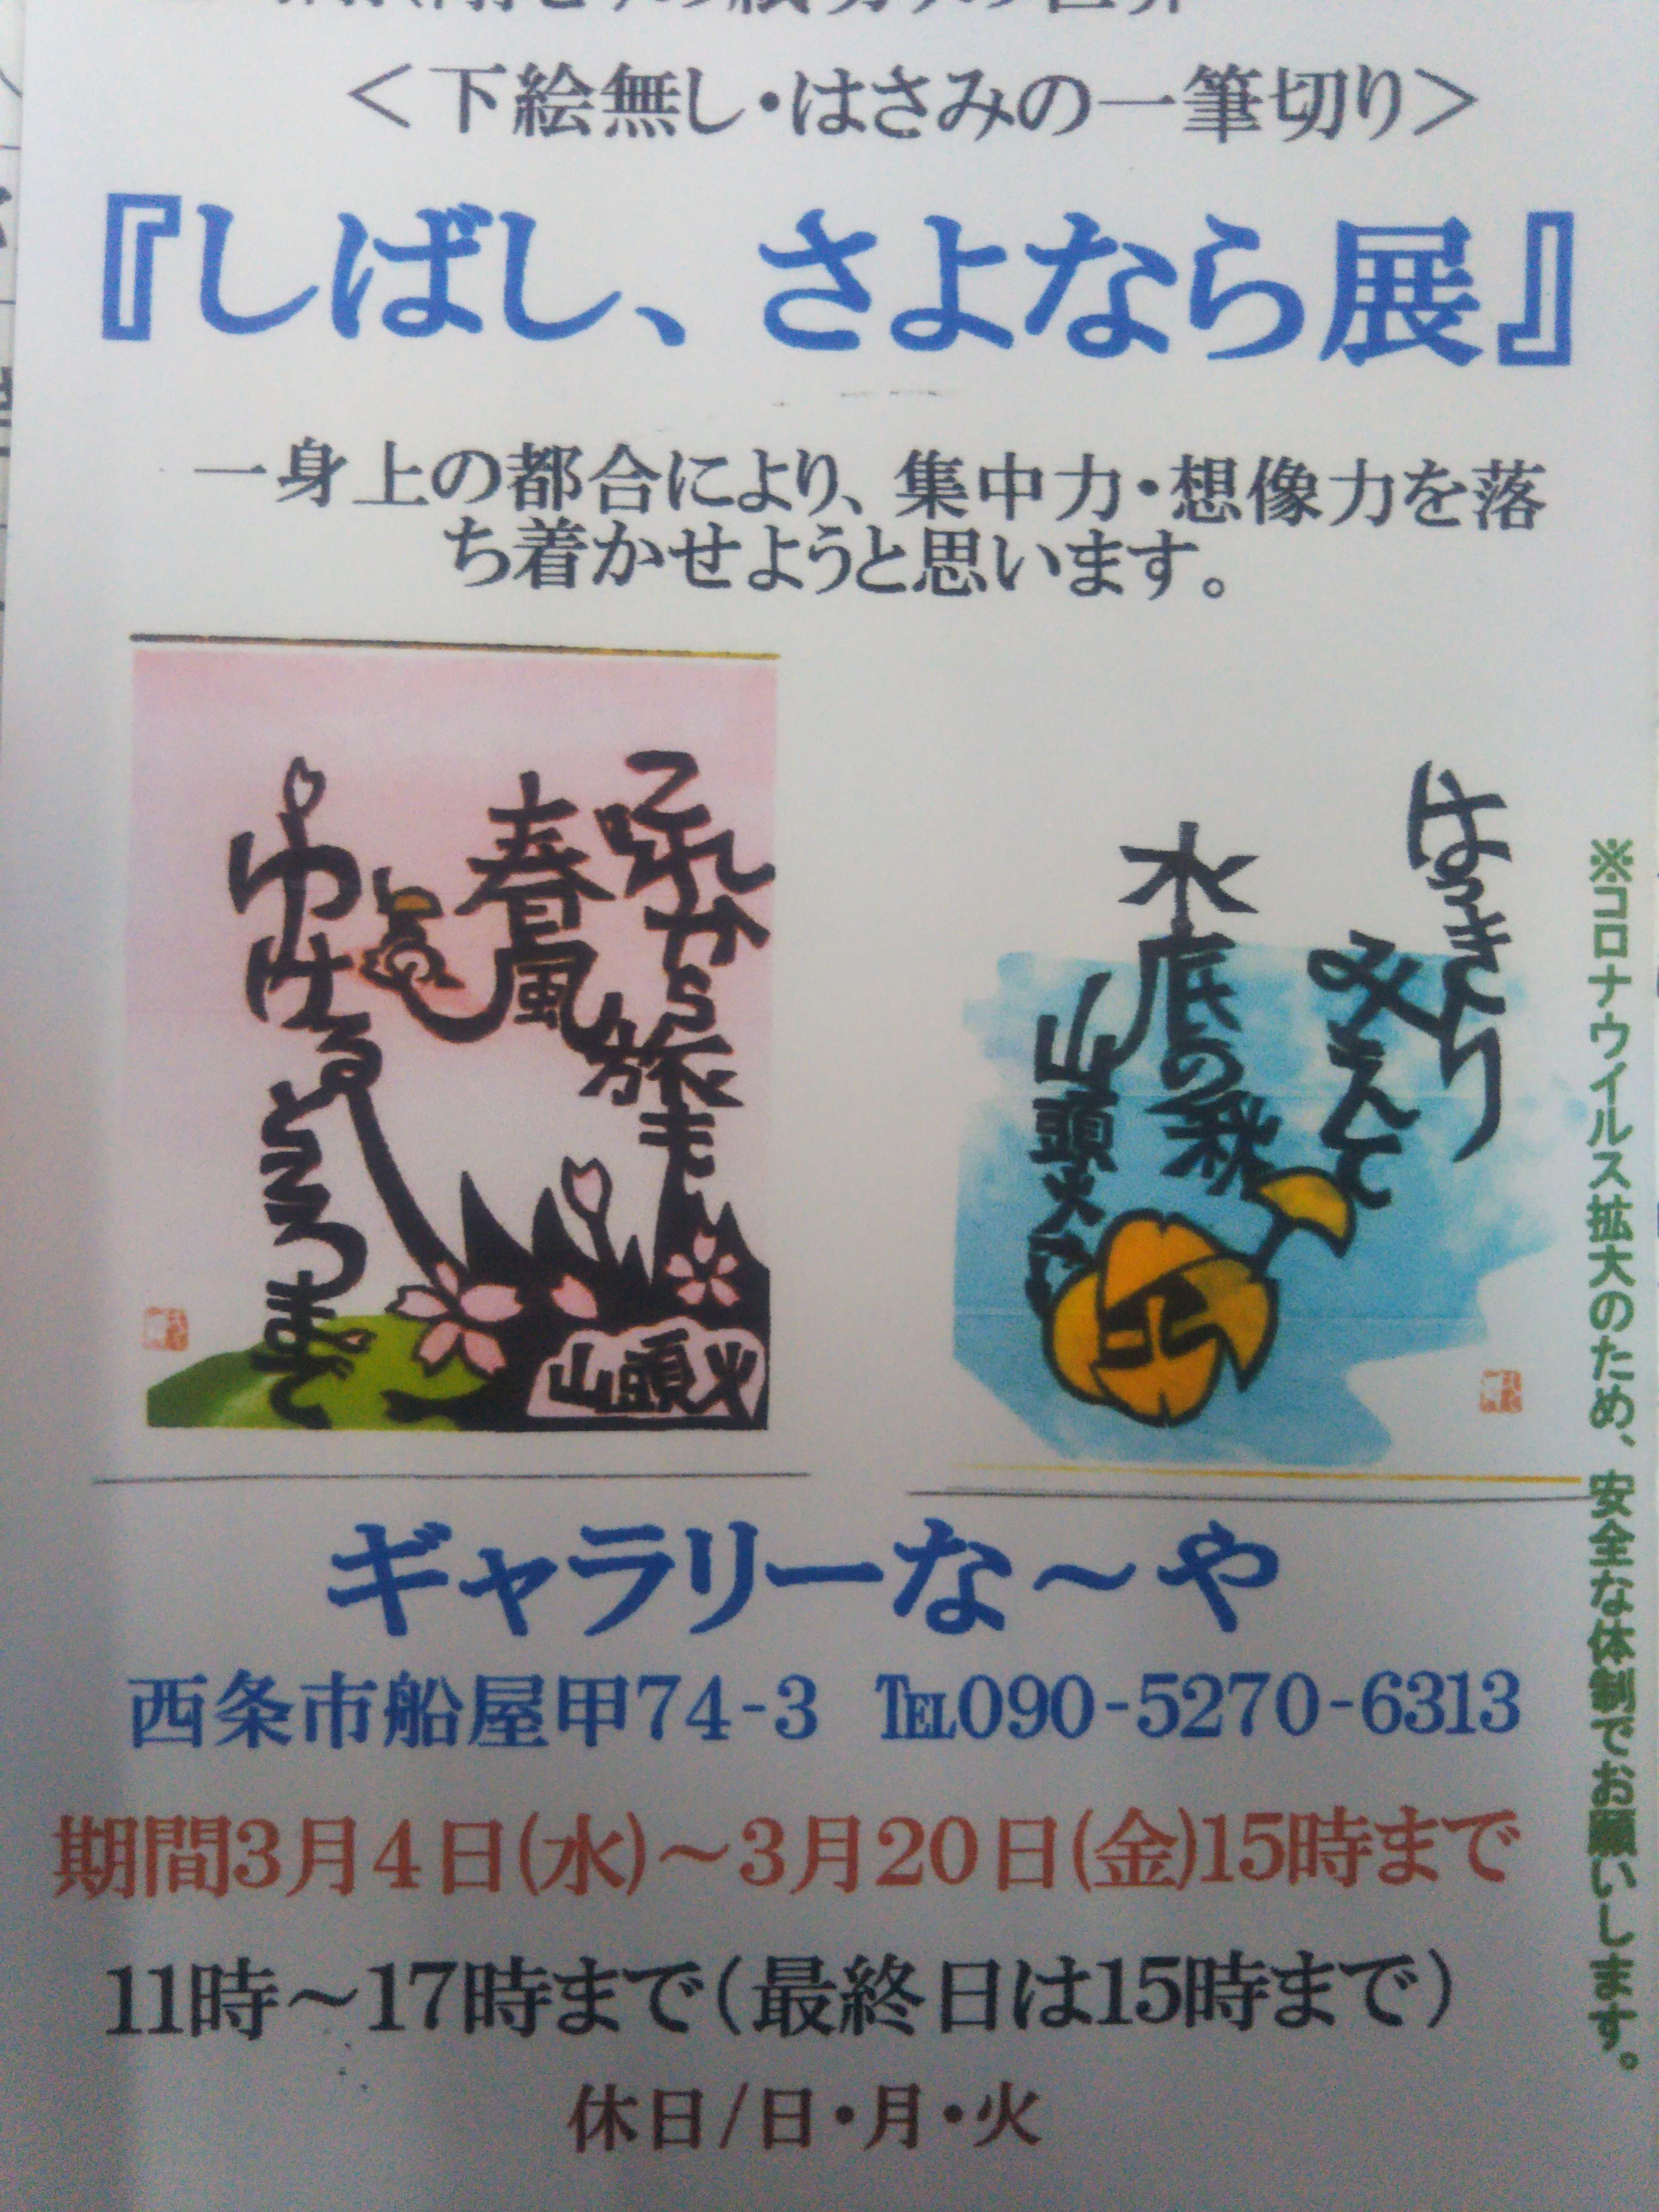 塩崎剛(剛心)の紙切りの世界『しばし、さよなら展』 開催中止